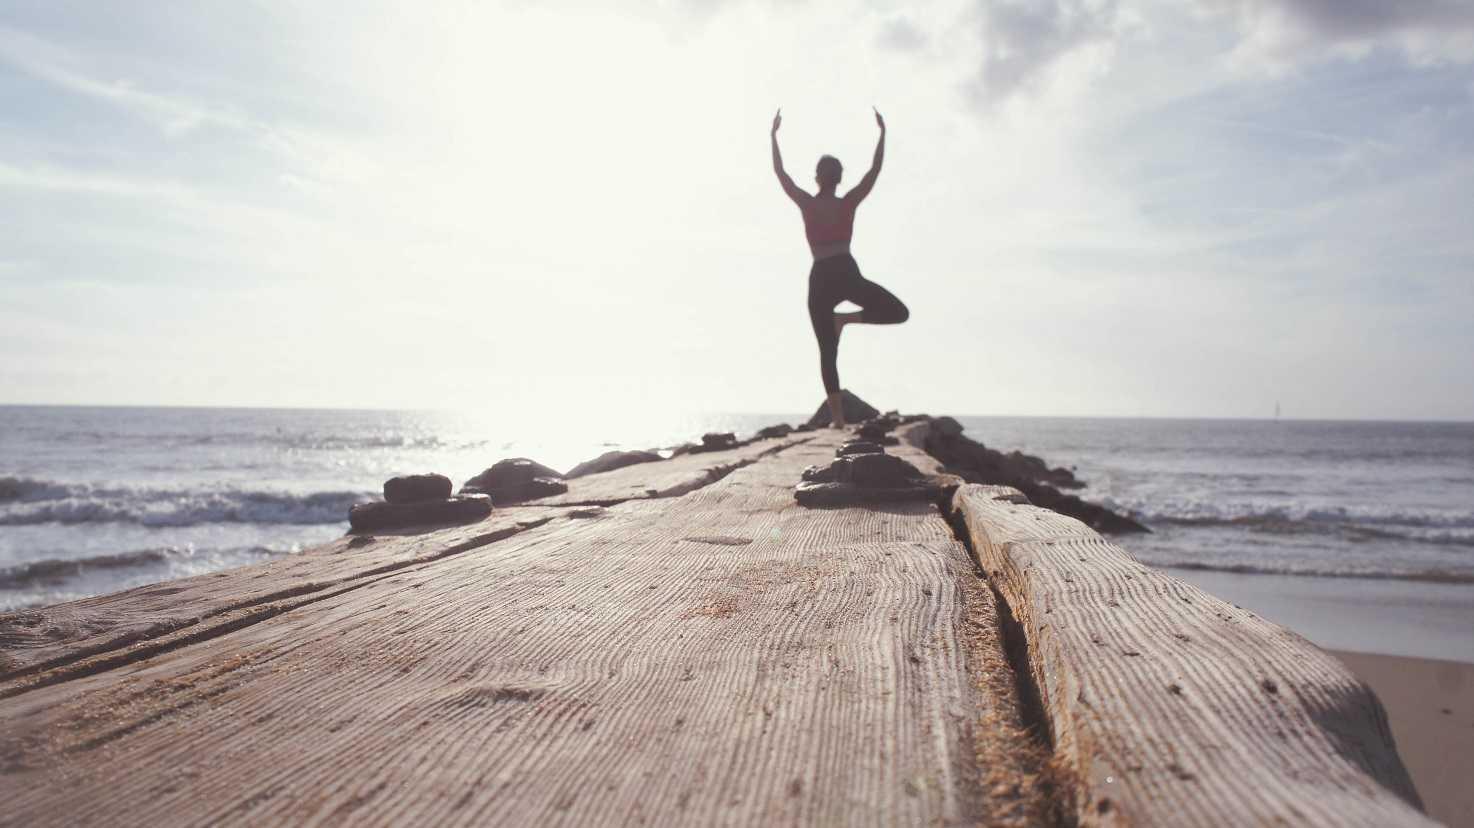 Lezioni di yoga a Bali: spiritualità e benessere nel cuore di Ubud